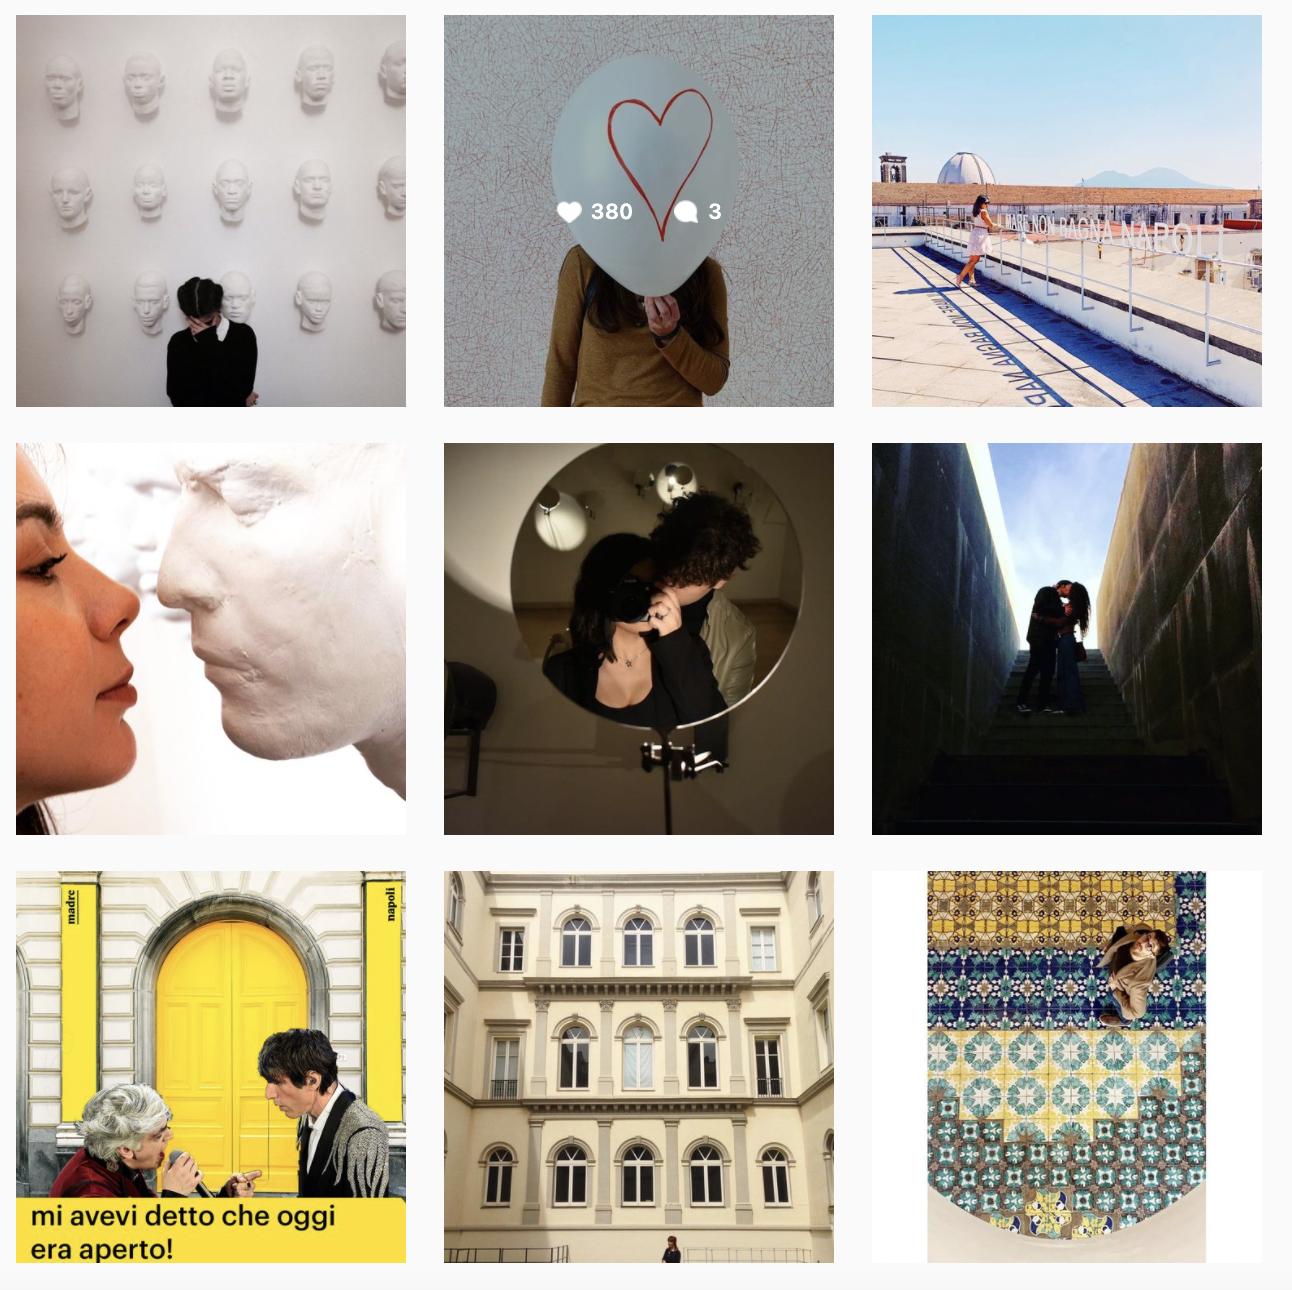 Album collettivo del museo Madre su Instagram